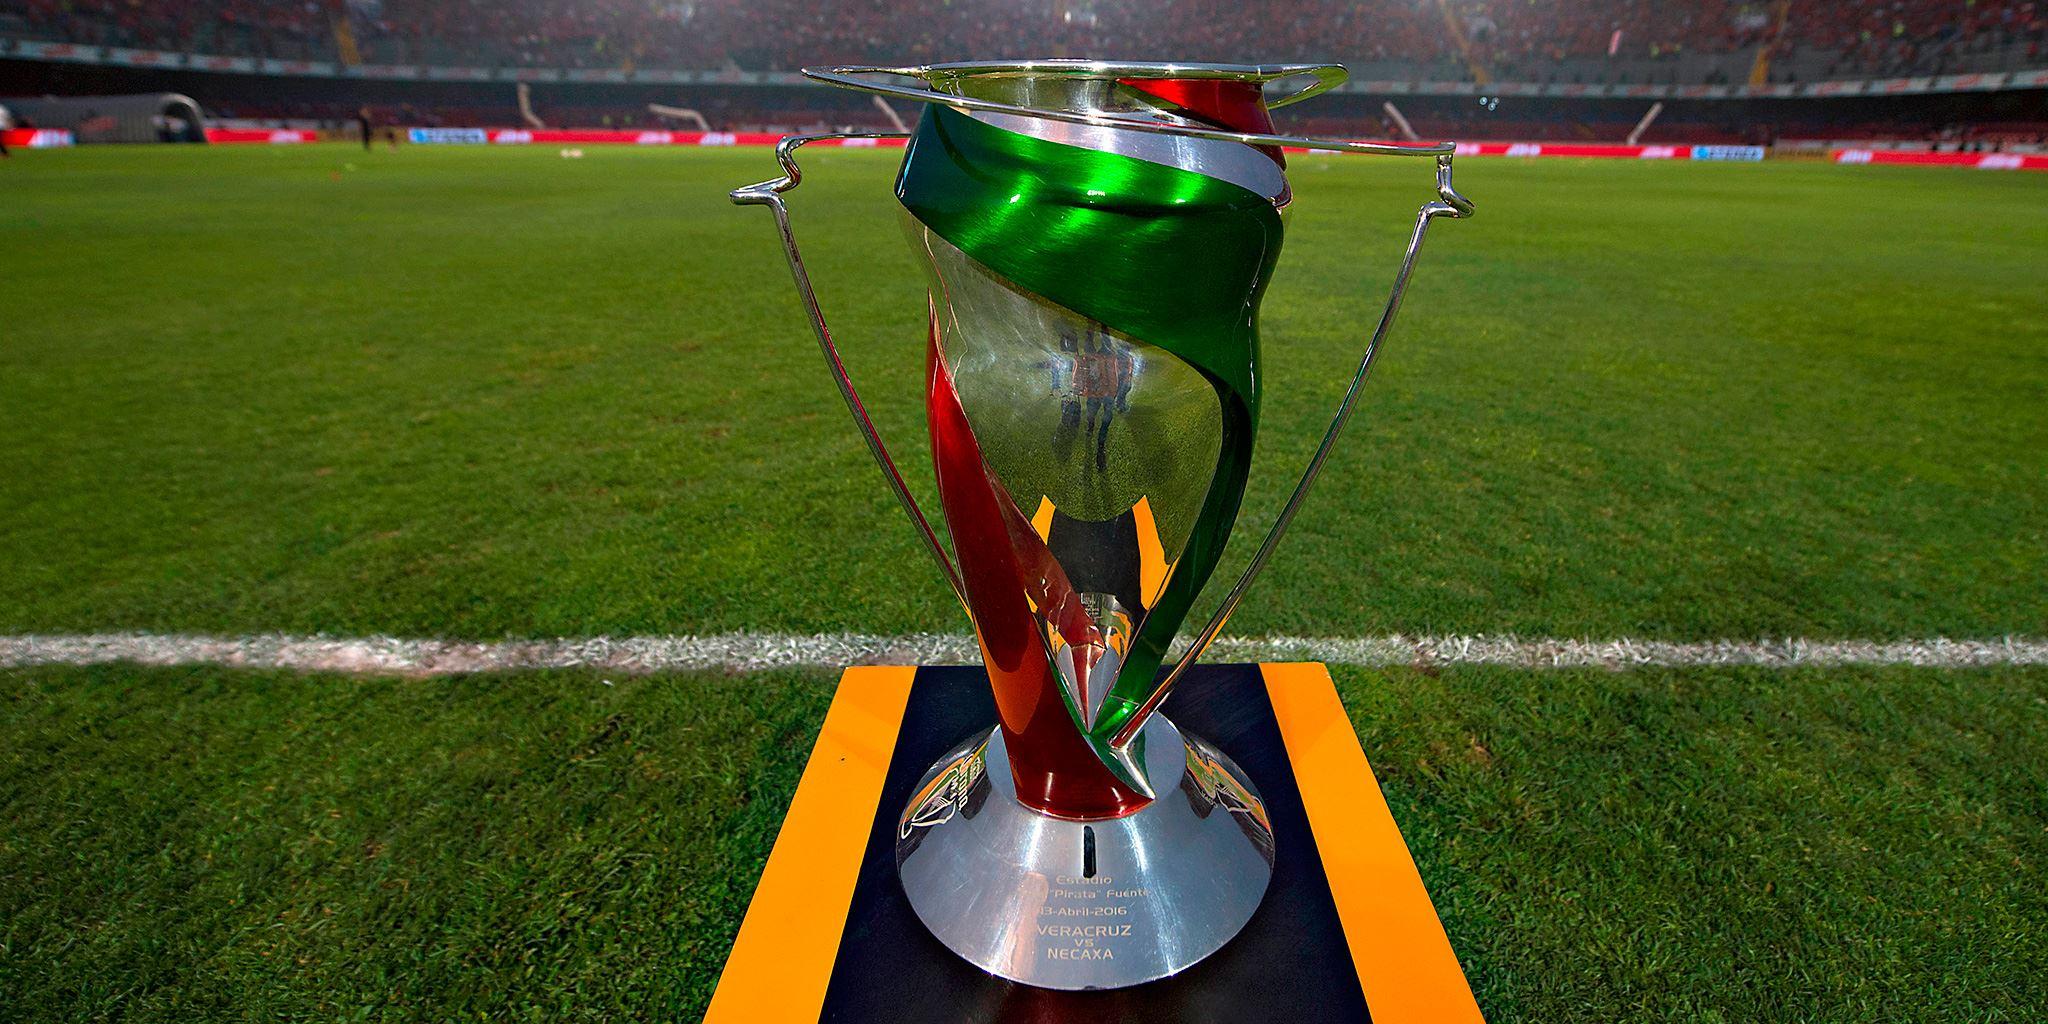 A qué hora juega, Dónde juega, dónde ver, Monterrey, Pachuca, final, Copa MX, estadio BBVA, importante, ambos equipos, alegría afición